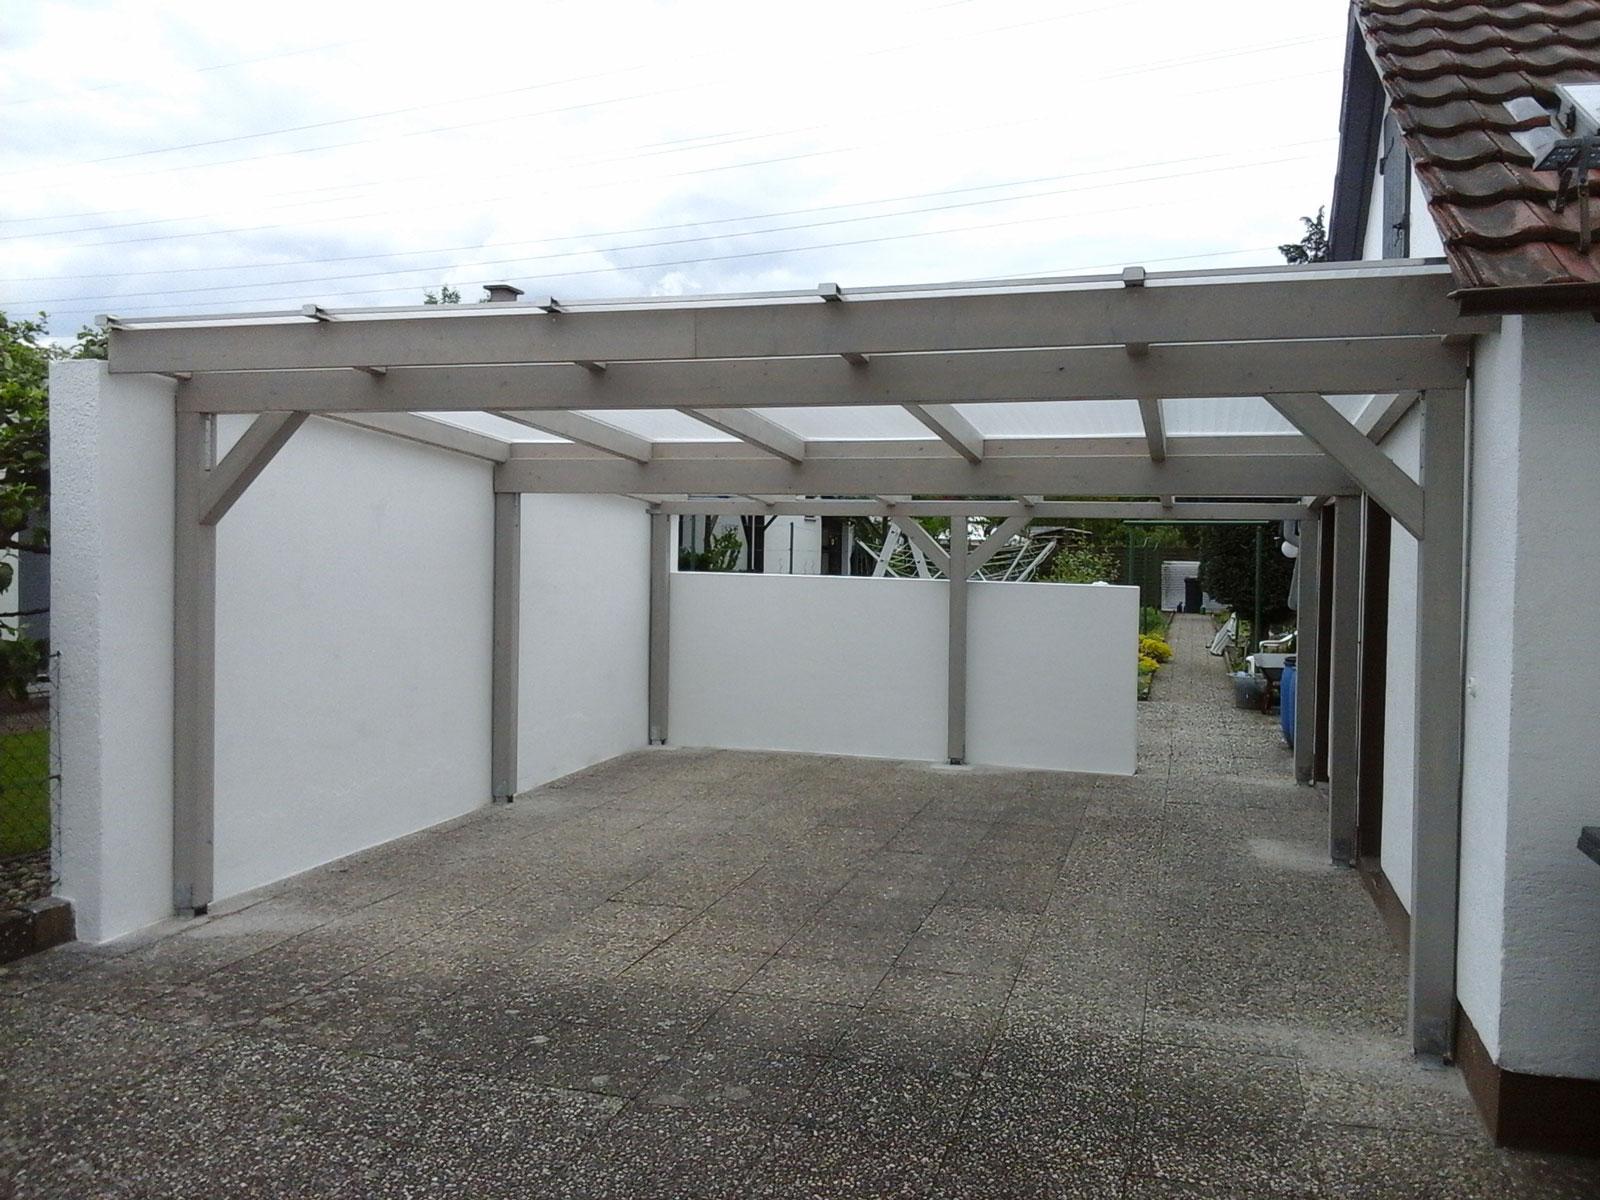 keilholzbau carport. Black Bedroom Furniture Sets. Home Design Ideas